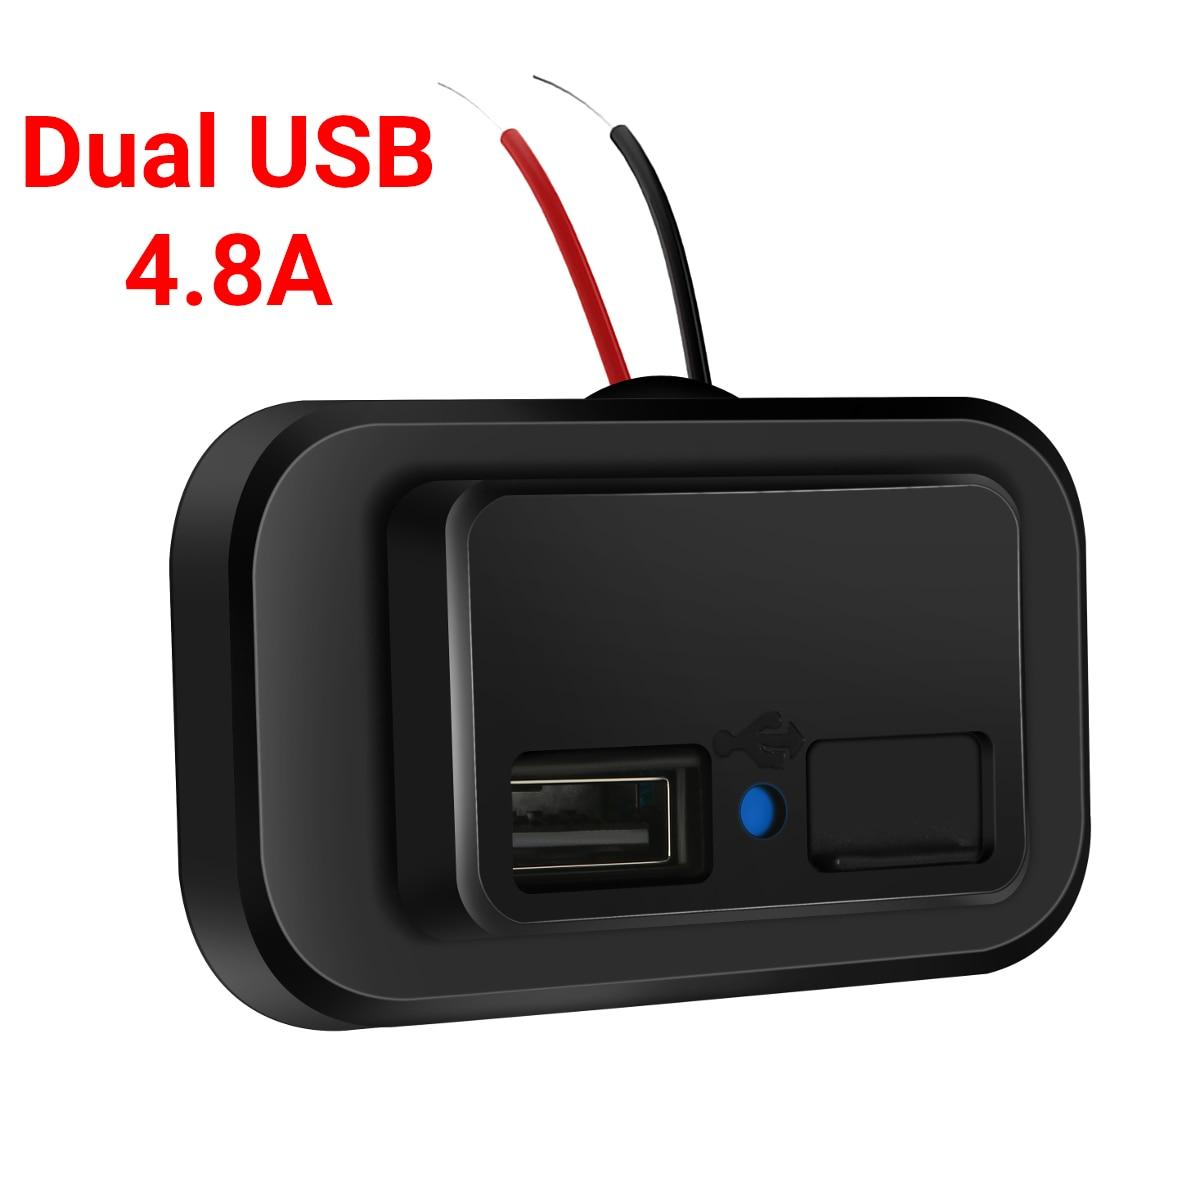 4.8A Dual USB Зарядное устройство Разъем 12V-24V для мото Авто Грузовик ATV автомобилей на колесах автобуса 2.4A + 2.4A Мощность адаптер розетка с защитой ...